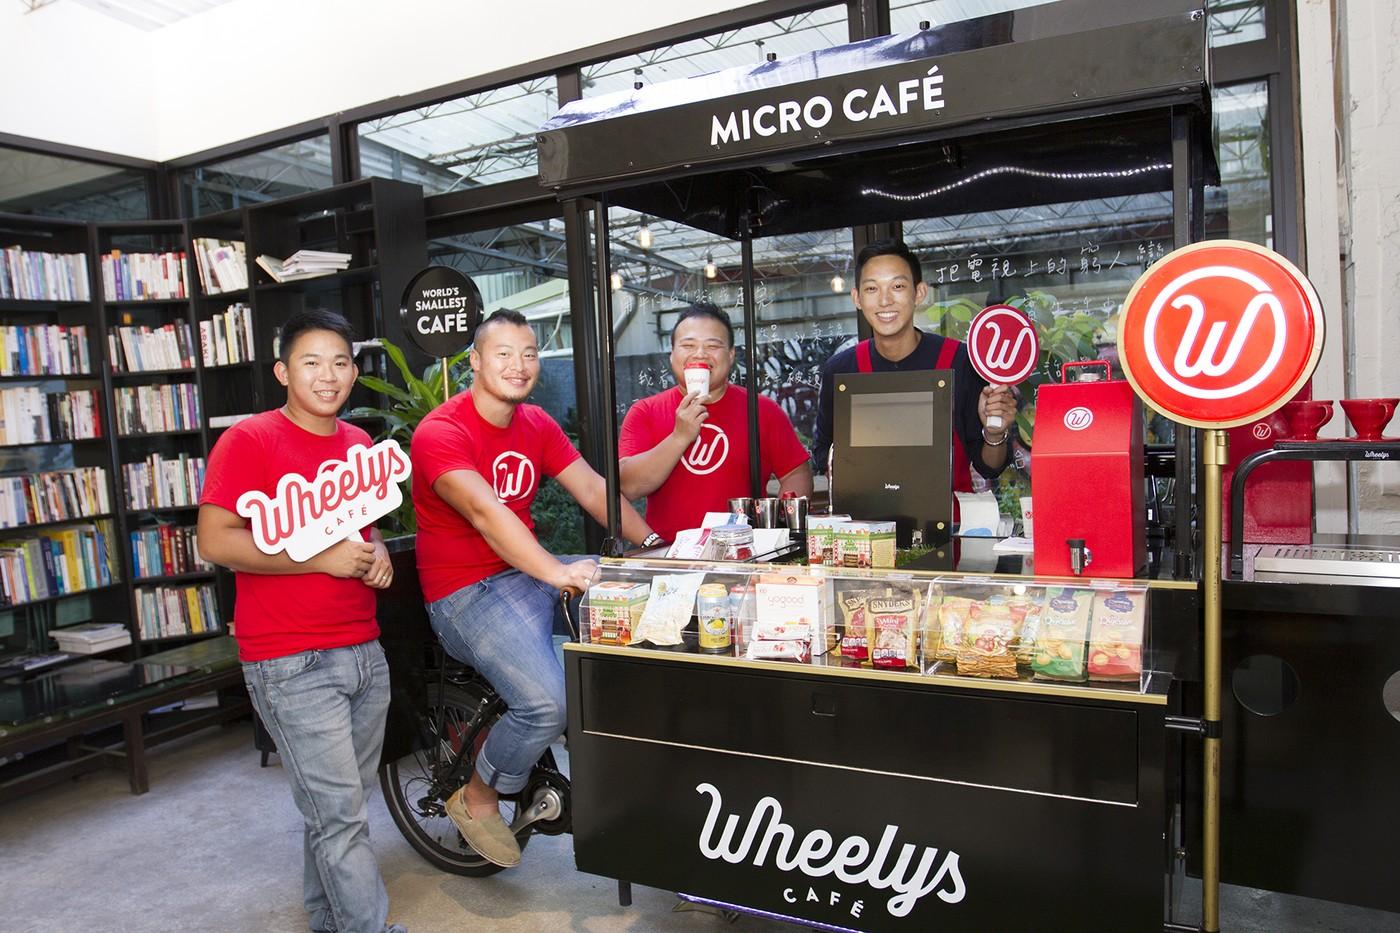 來自北歐的綠能智慧單車Wheelys Café讓你用十分之一的成本開一家風格咖啡館|數位時代